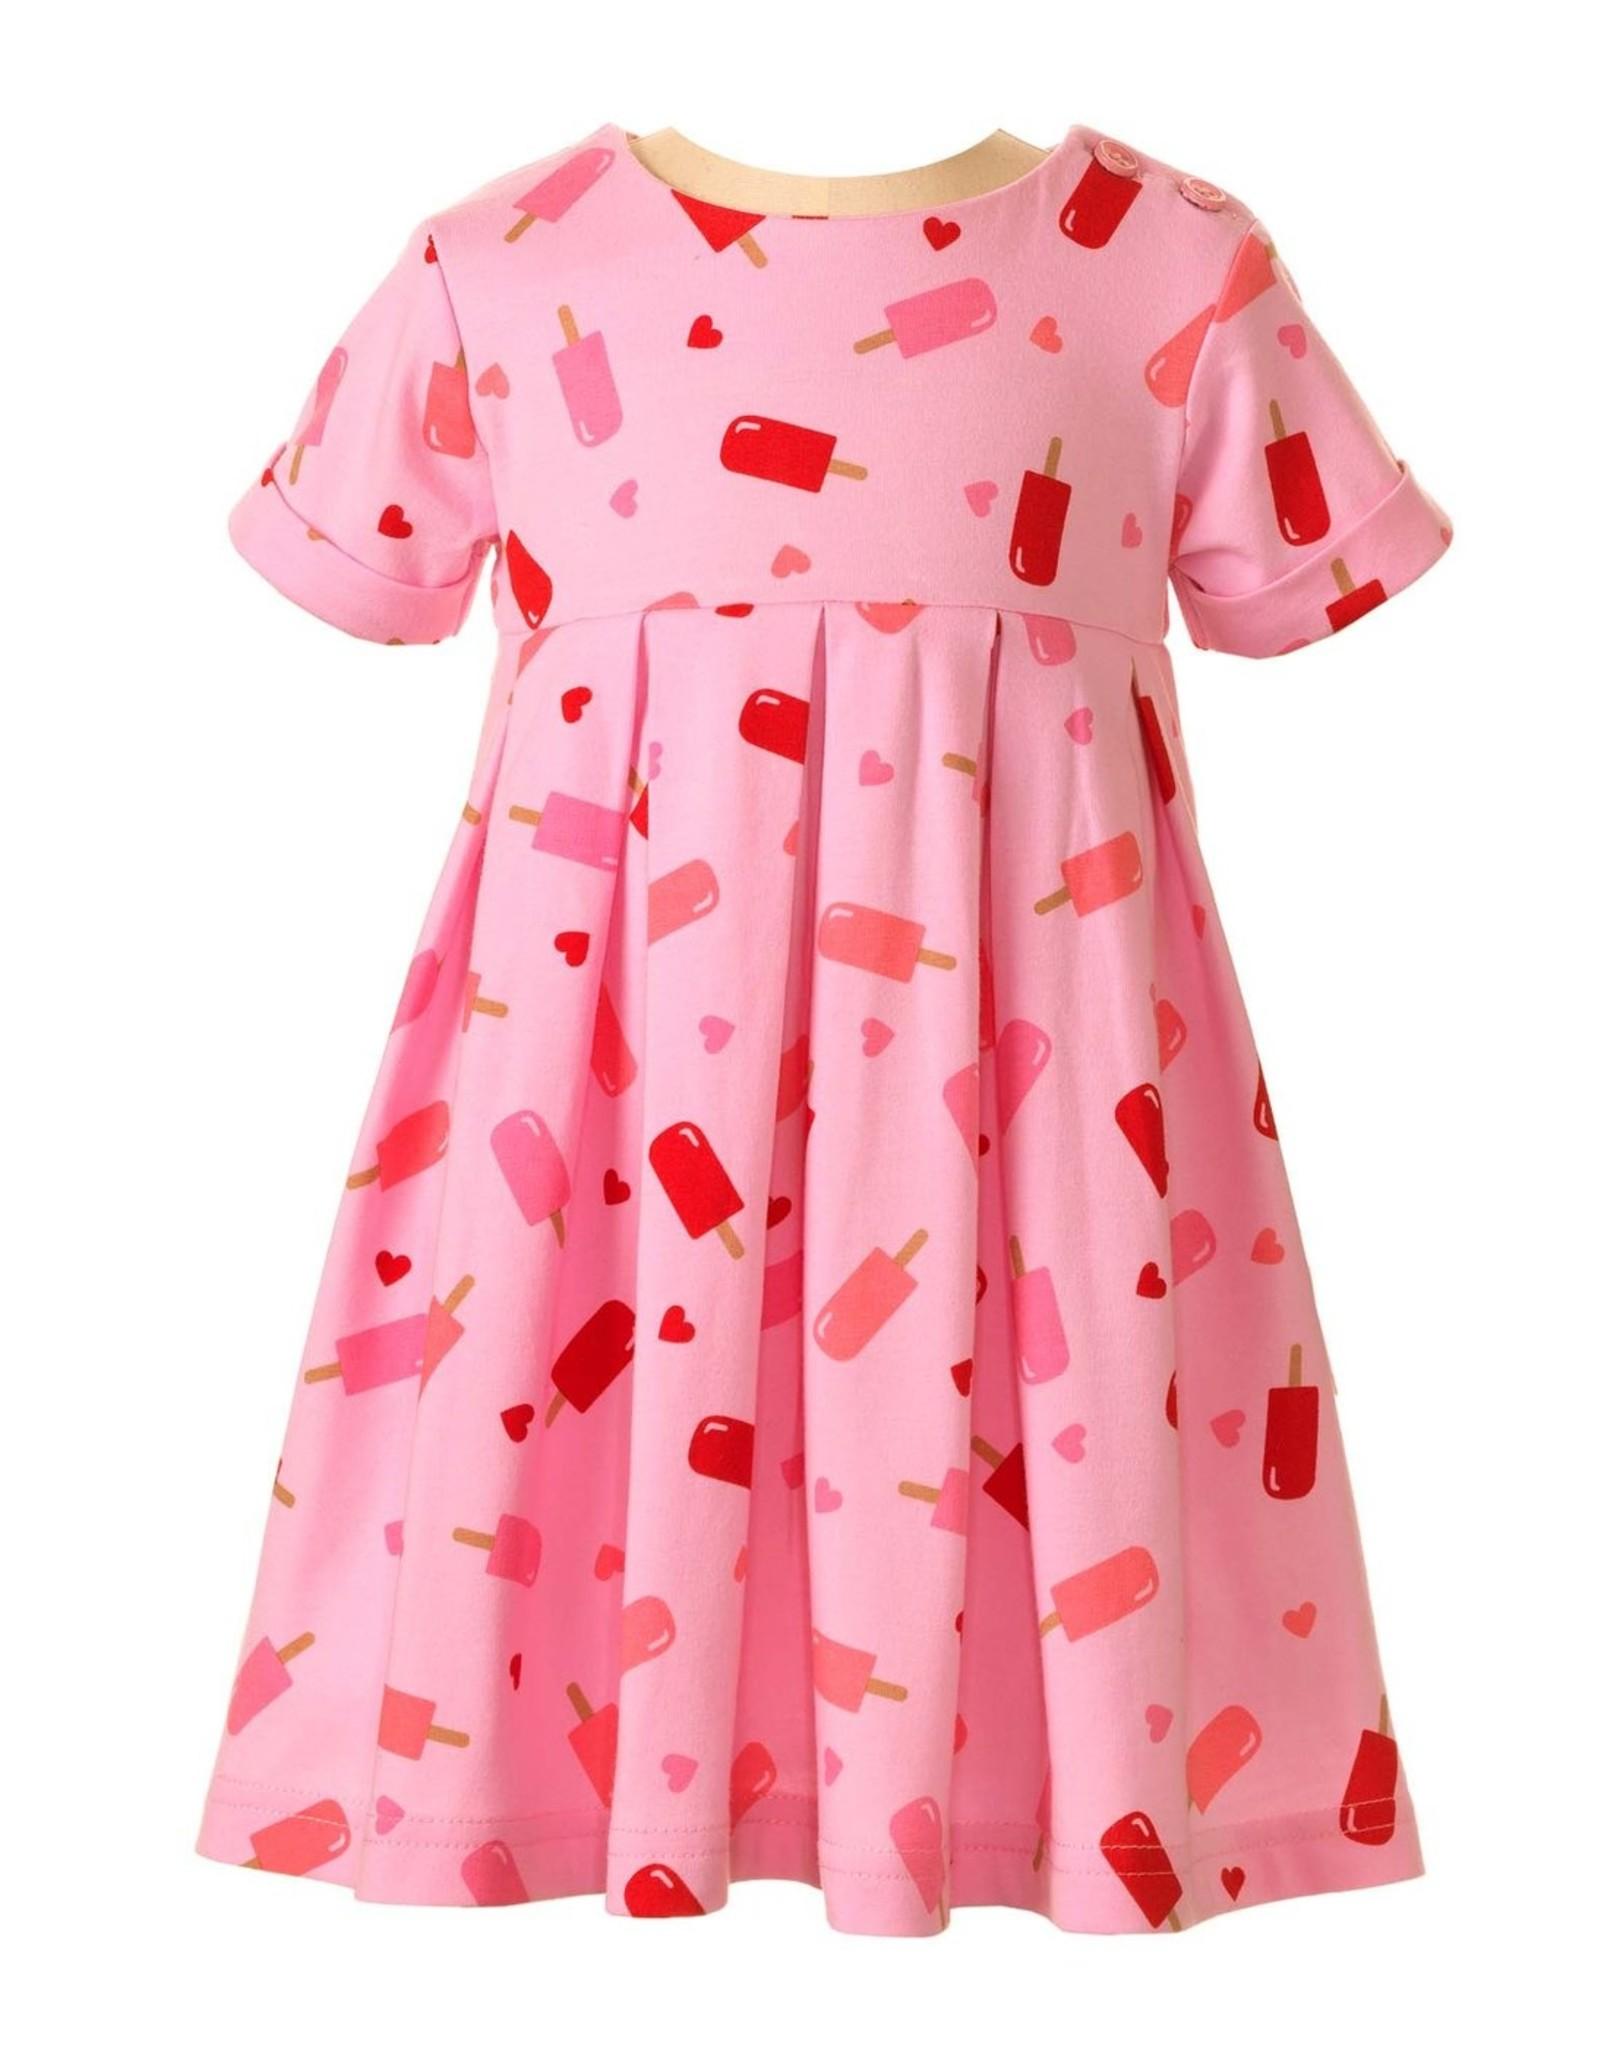 Rachel Riley Ice Lolly Jersey Dress